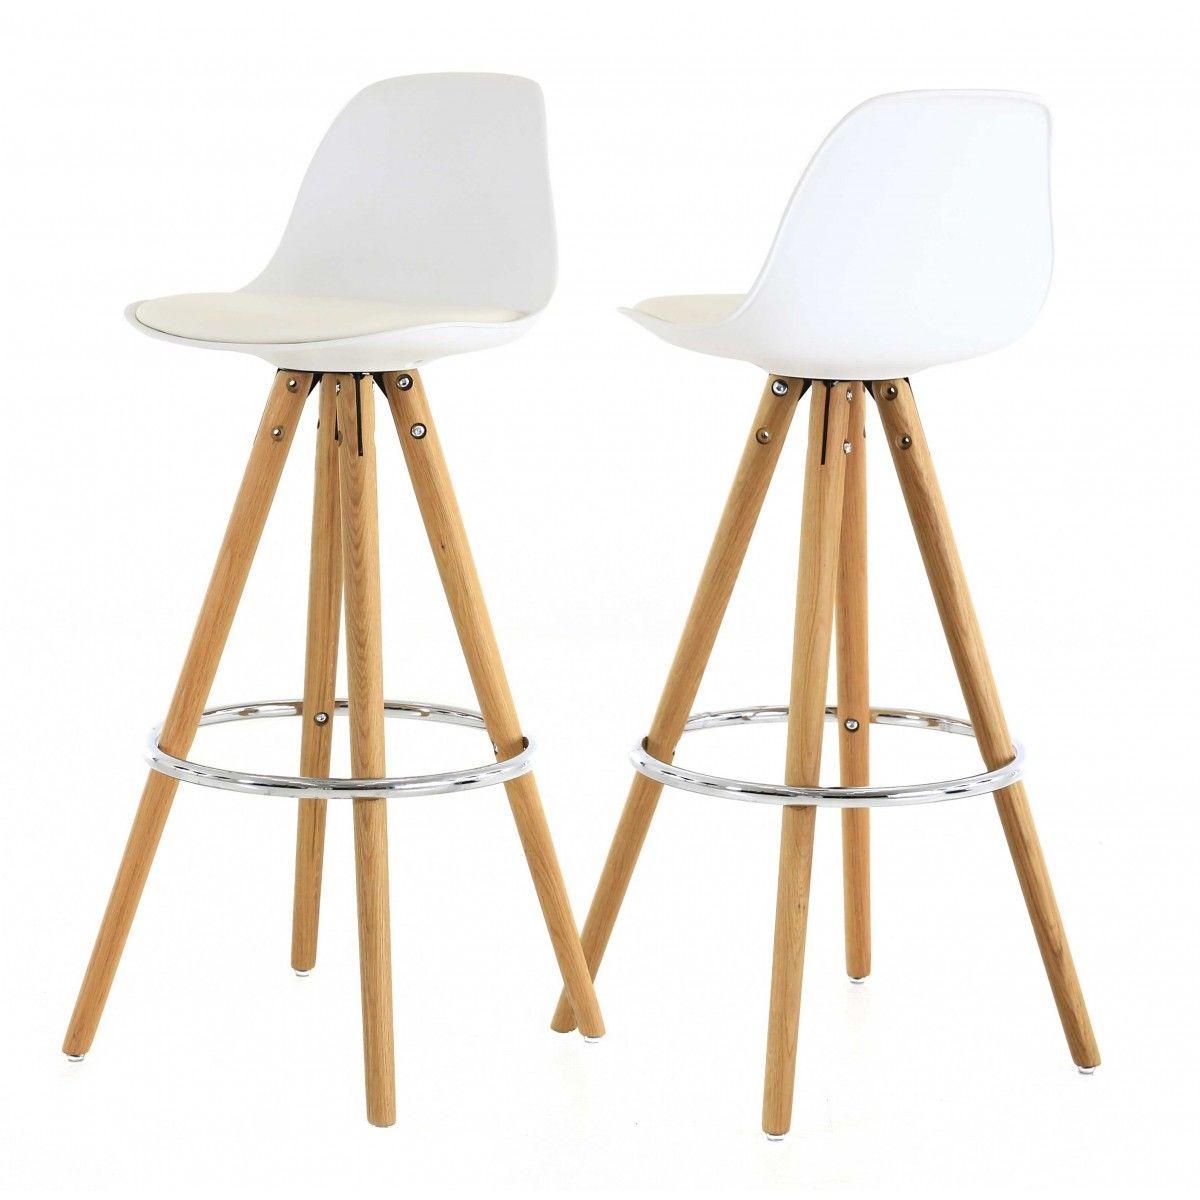 Chaise style de trépied en blanche haute bois scandinave bar nwOv0myN8